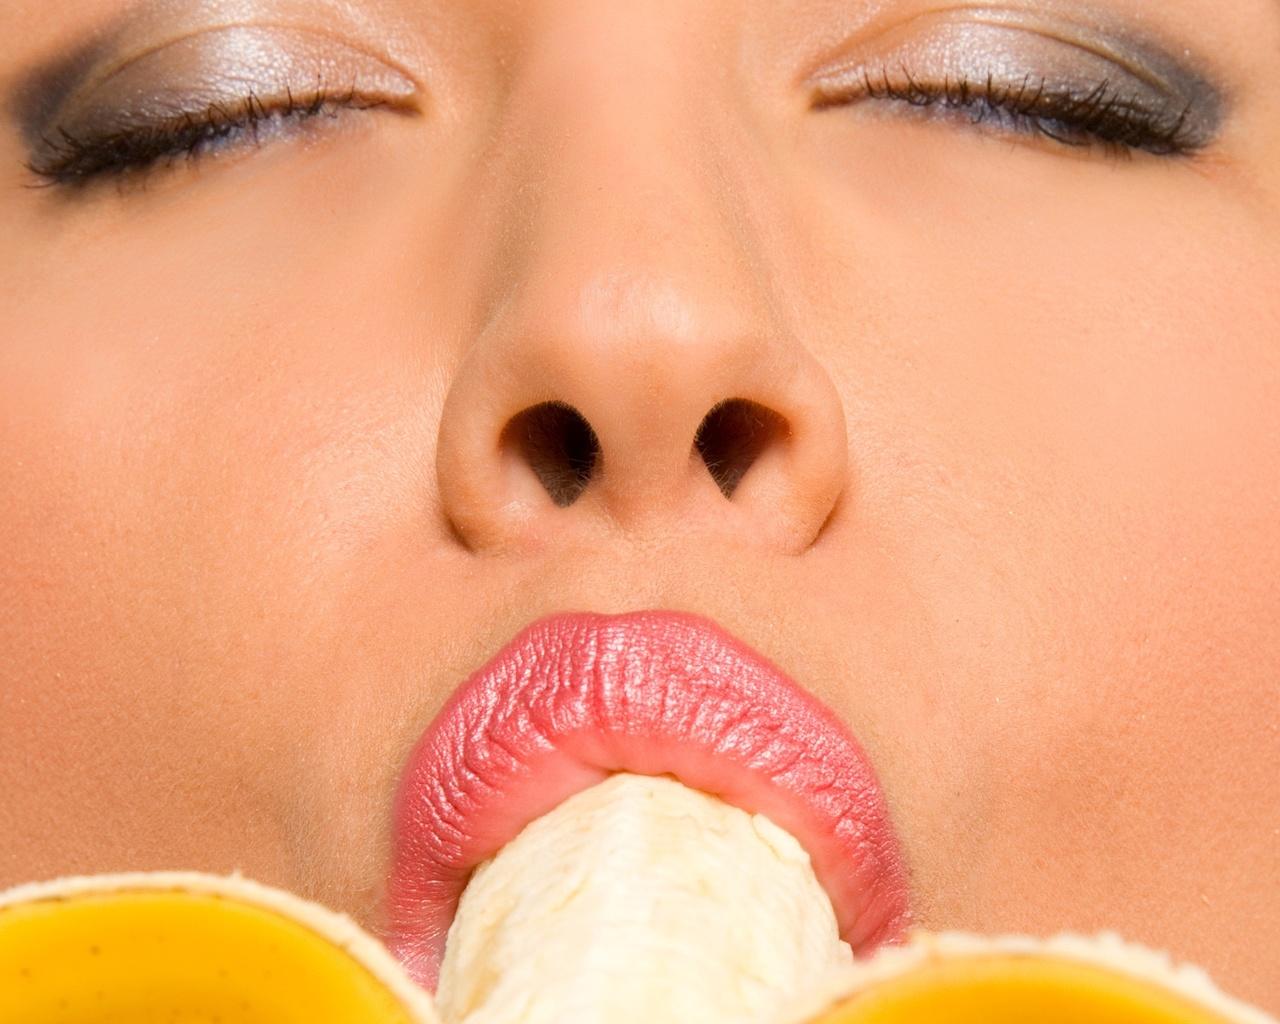 Картинка девушка облизывает банан